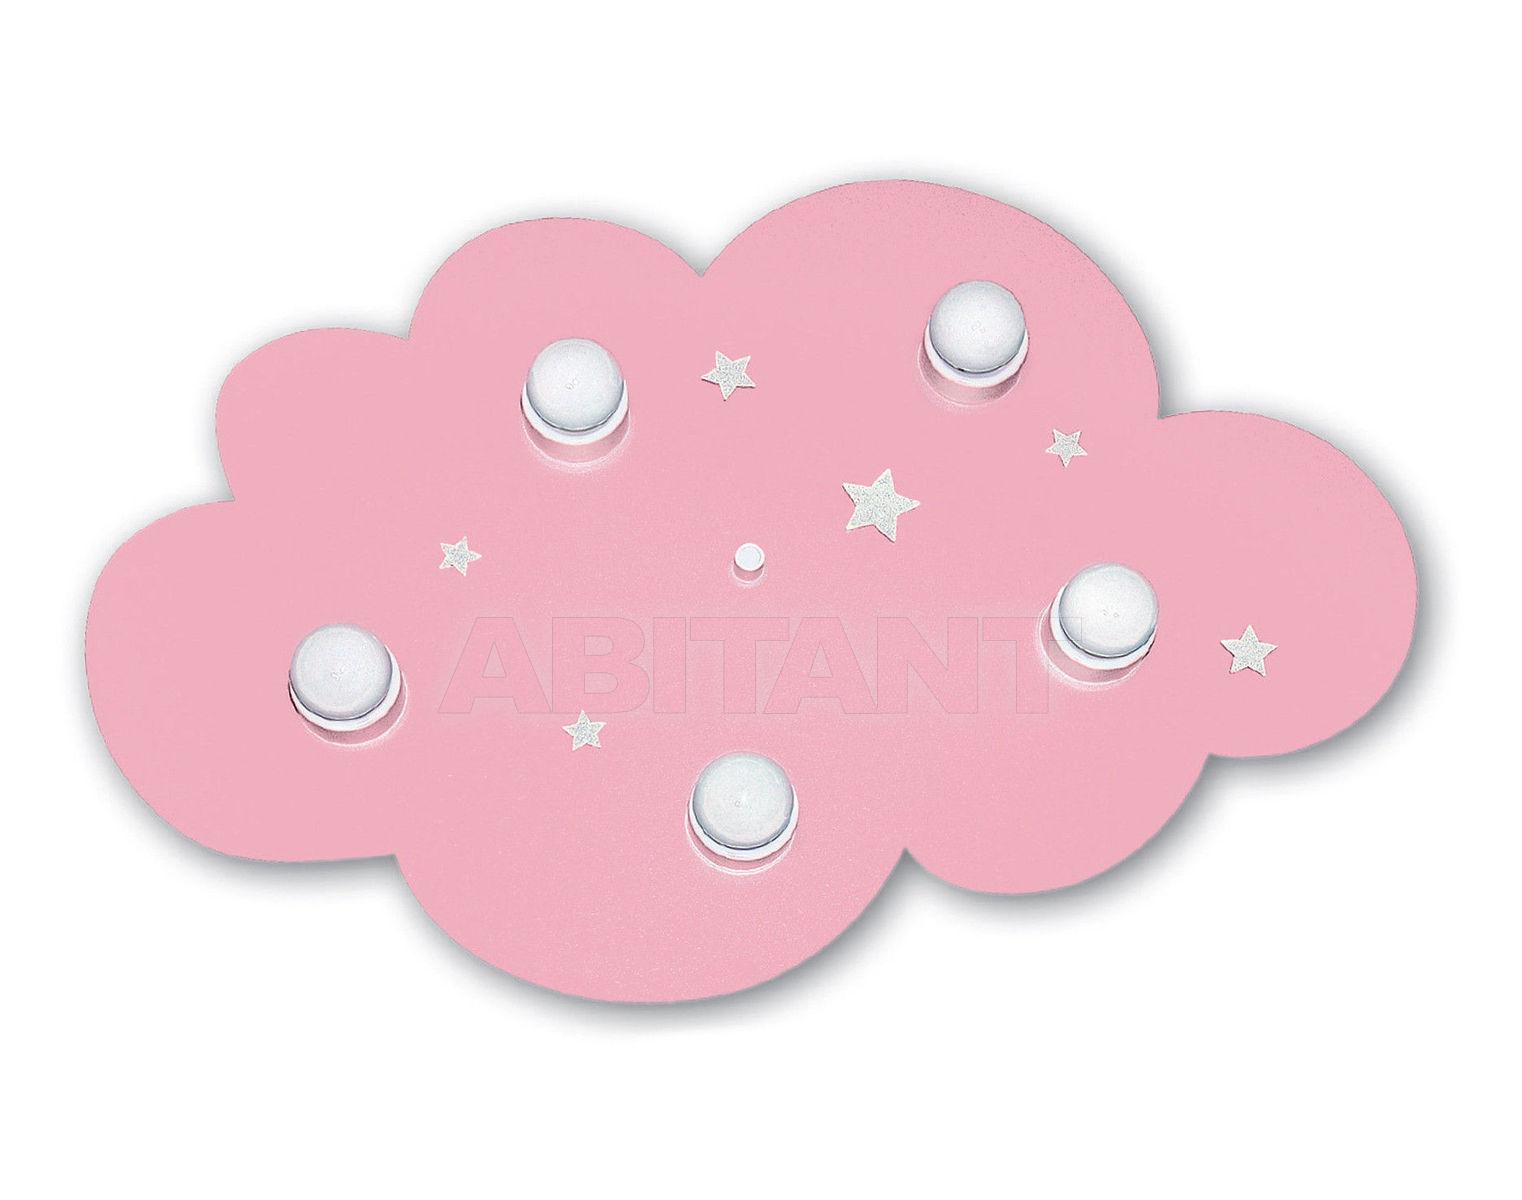 Купить Светильник для детской  Waldi Leuchten Lampen Fur Kinder 2012 65114.0